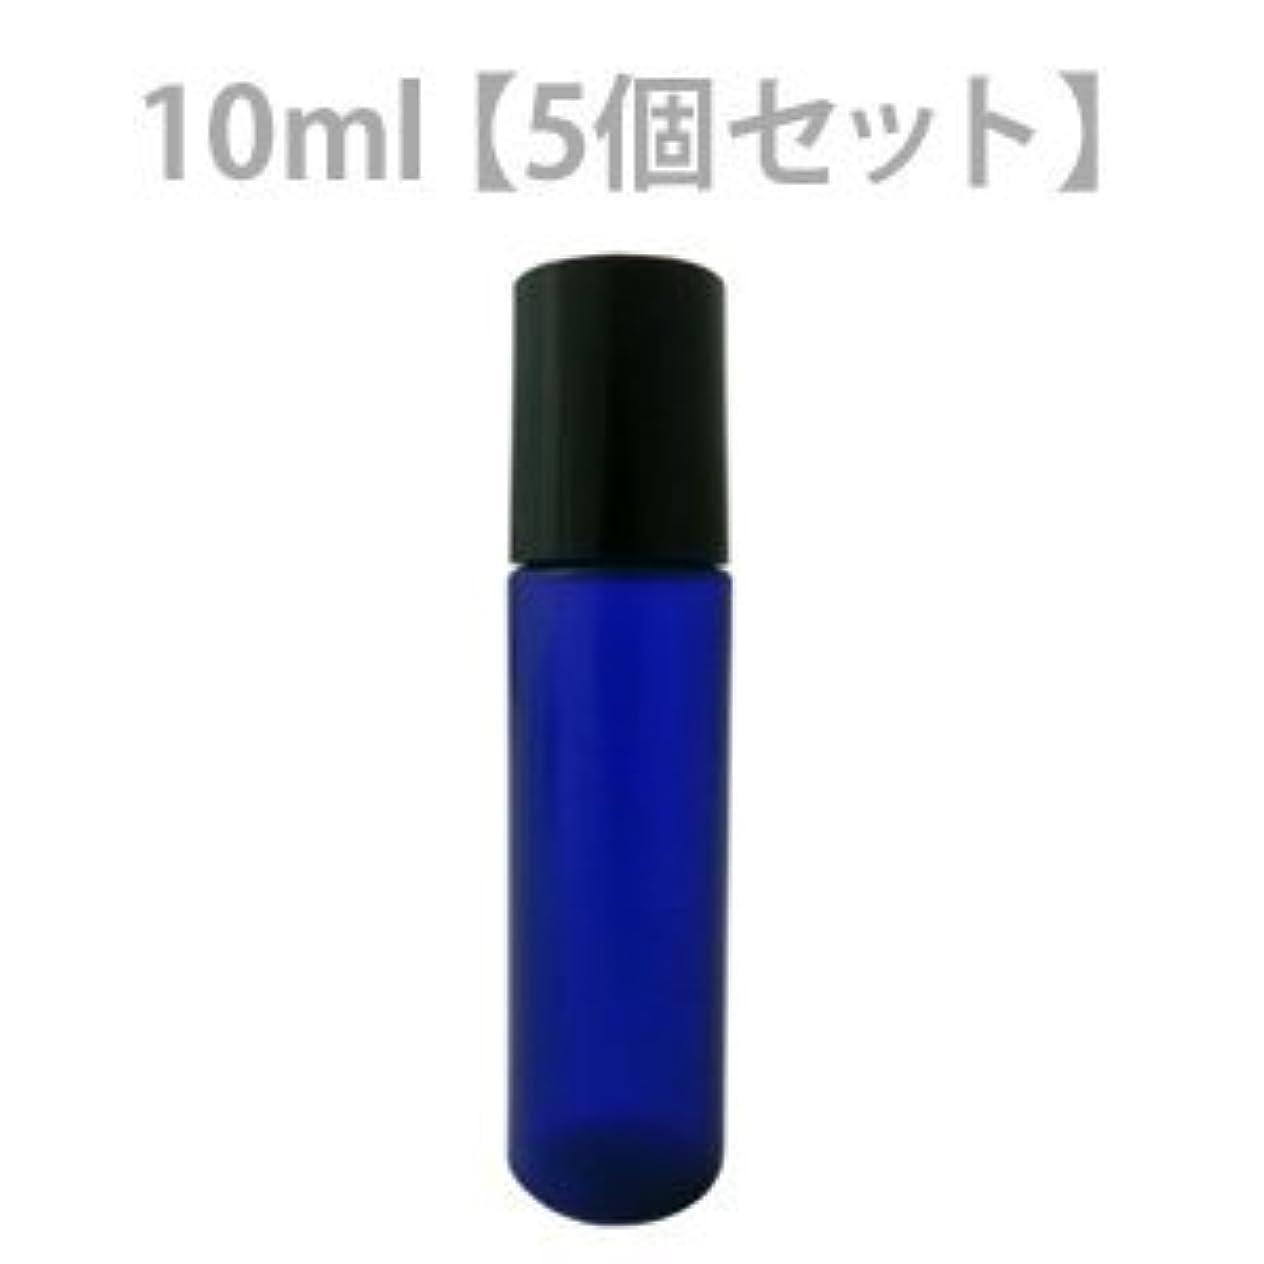 モザイク正しく泥ミニボトル容器 10ml コバルト (5個セット) 【化粧品容器】